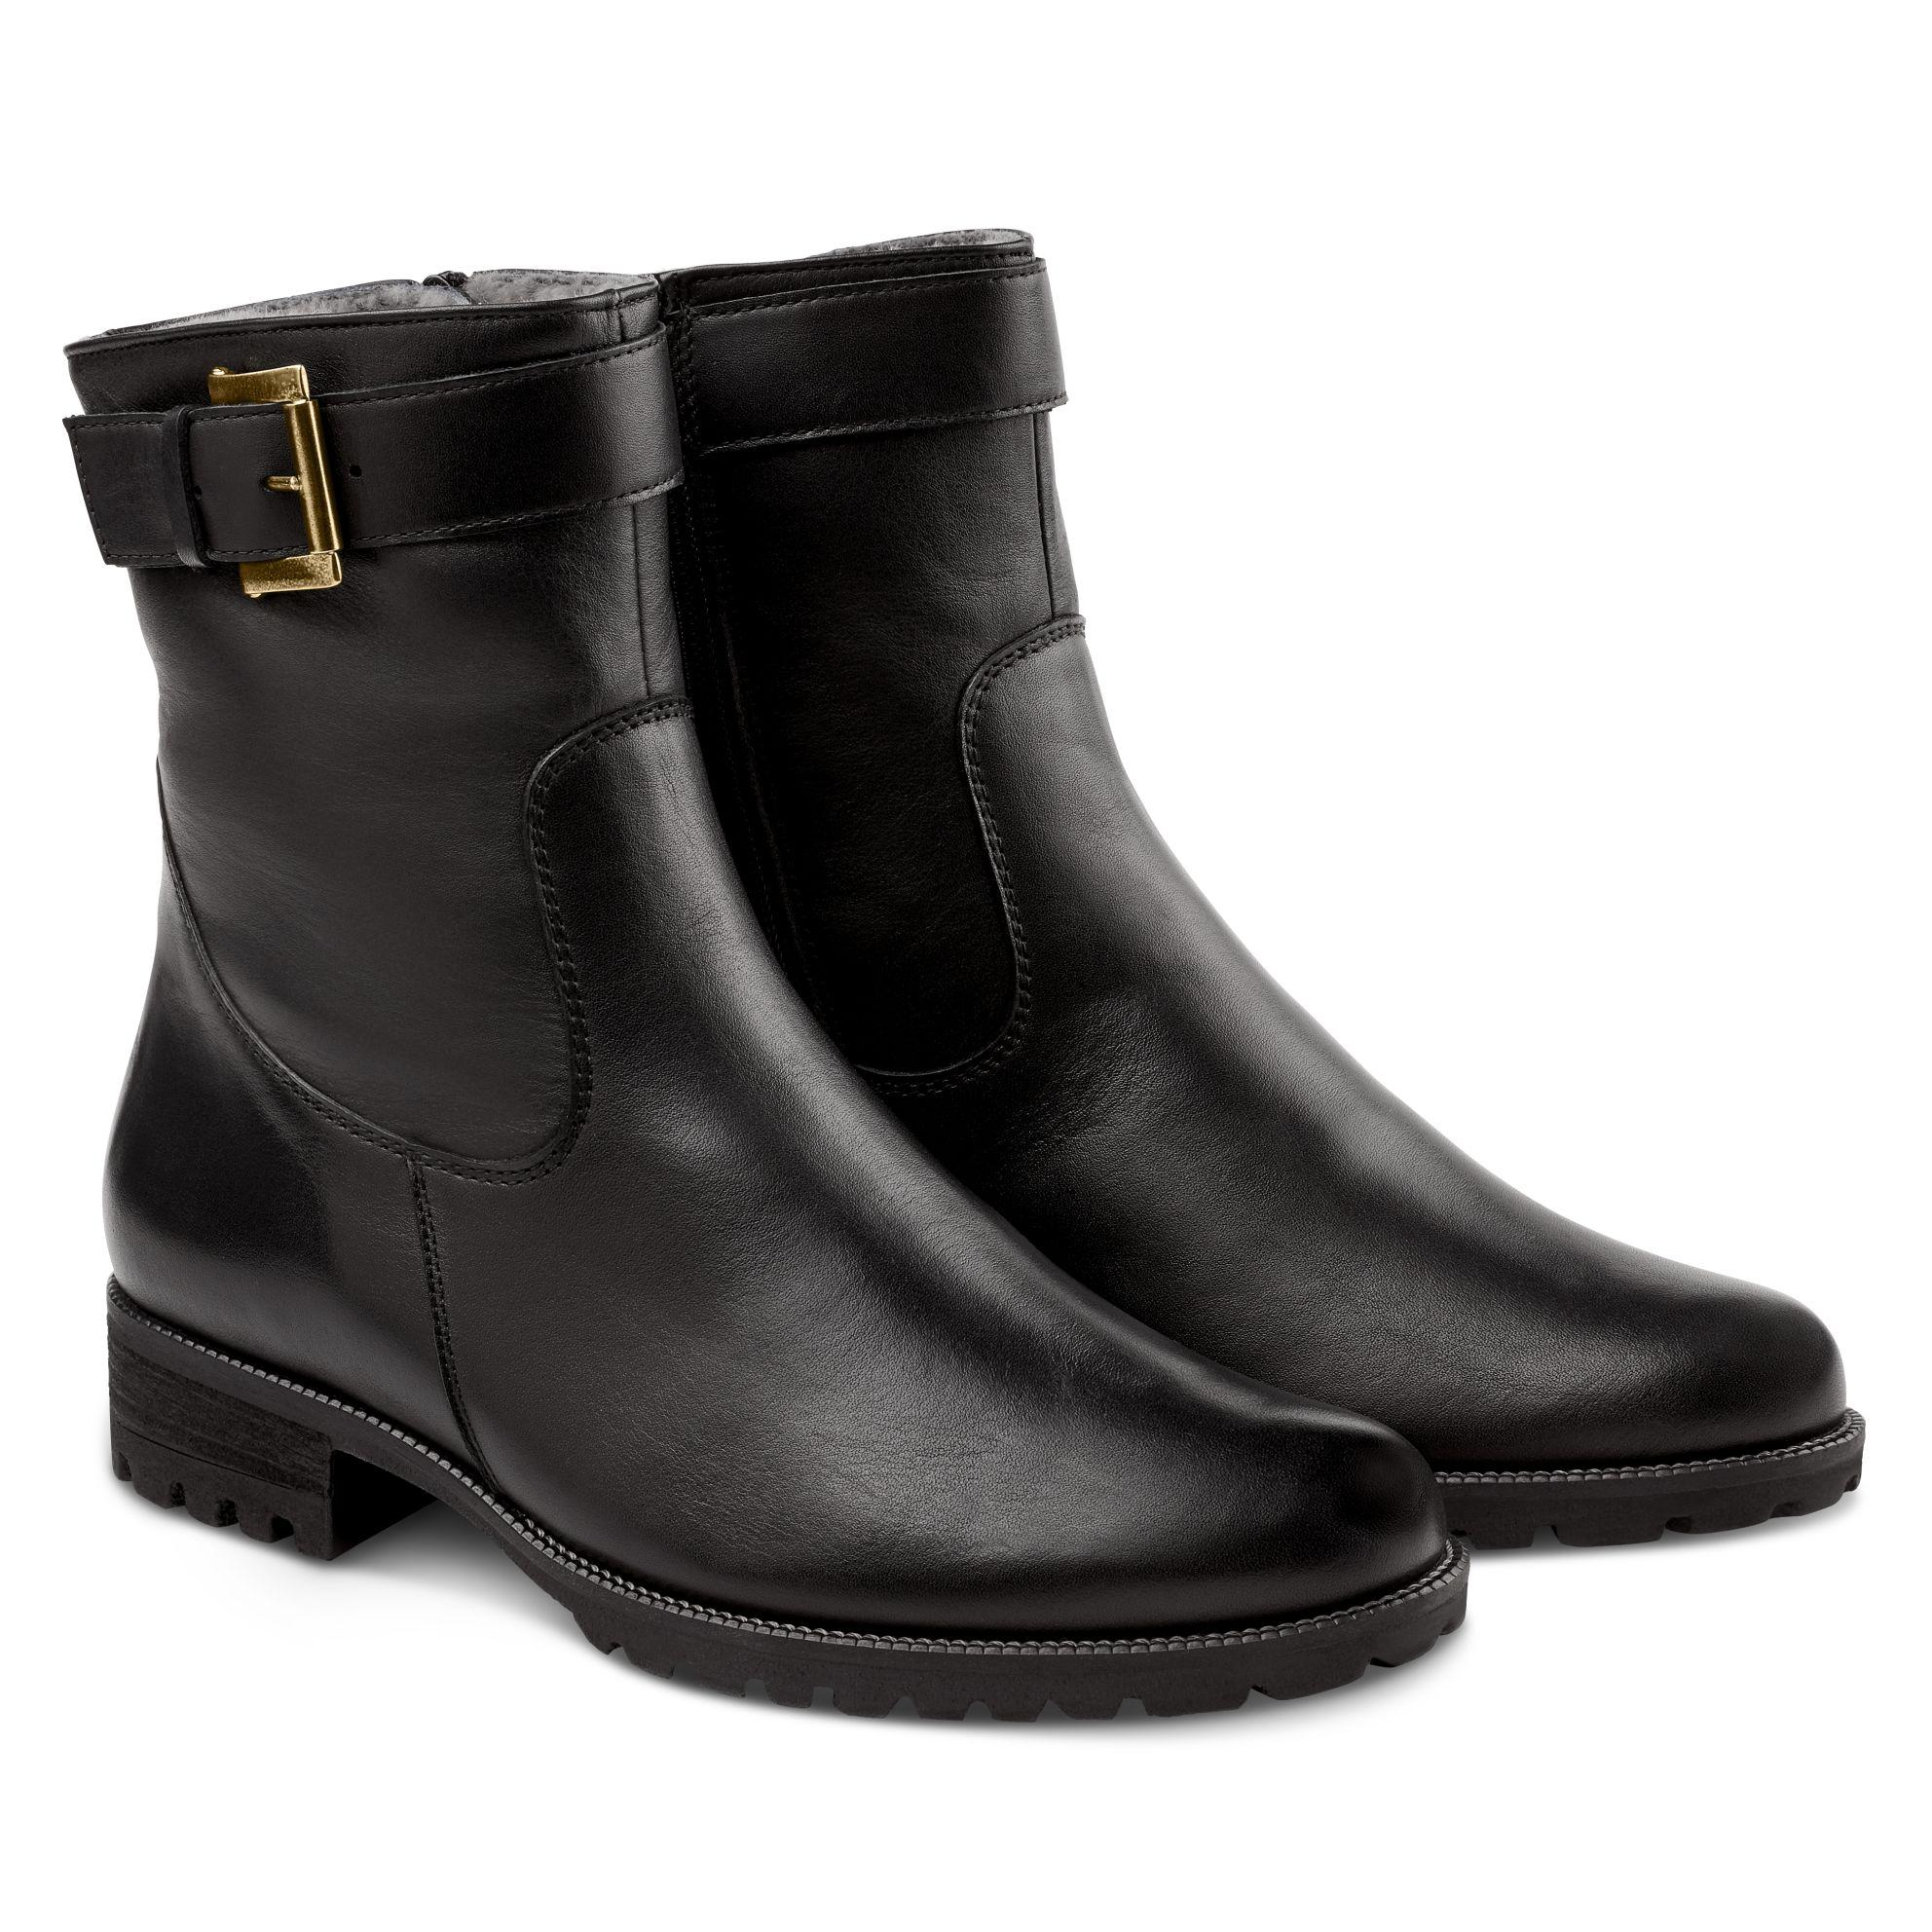 Lammfell Stiefelette mit Schnalle Schwarz – modischer und bequemer Schuh für Hallux valgus und empfindliche Füße von LaShoe.de